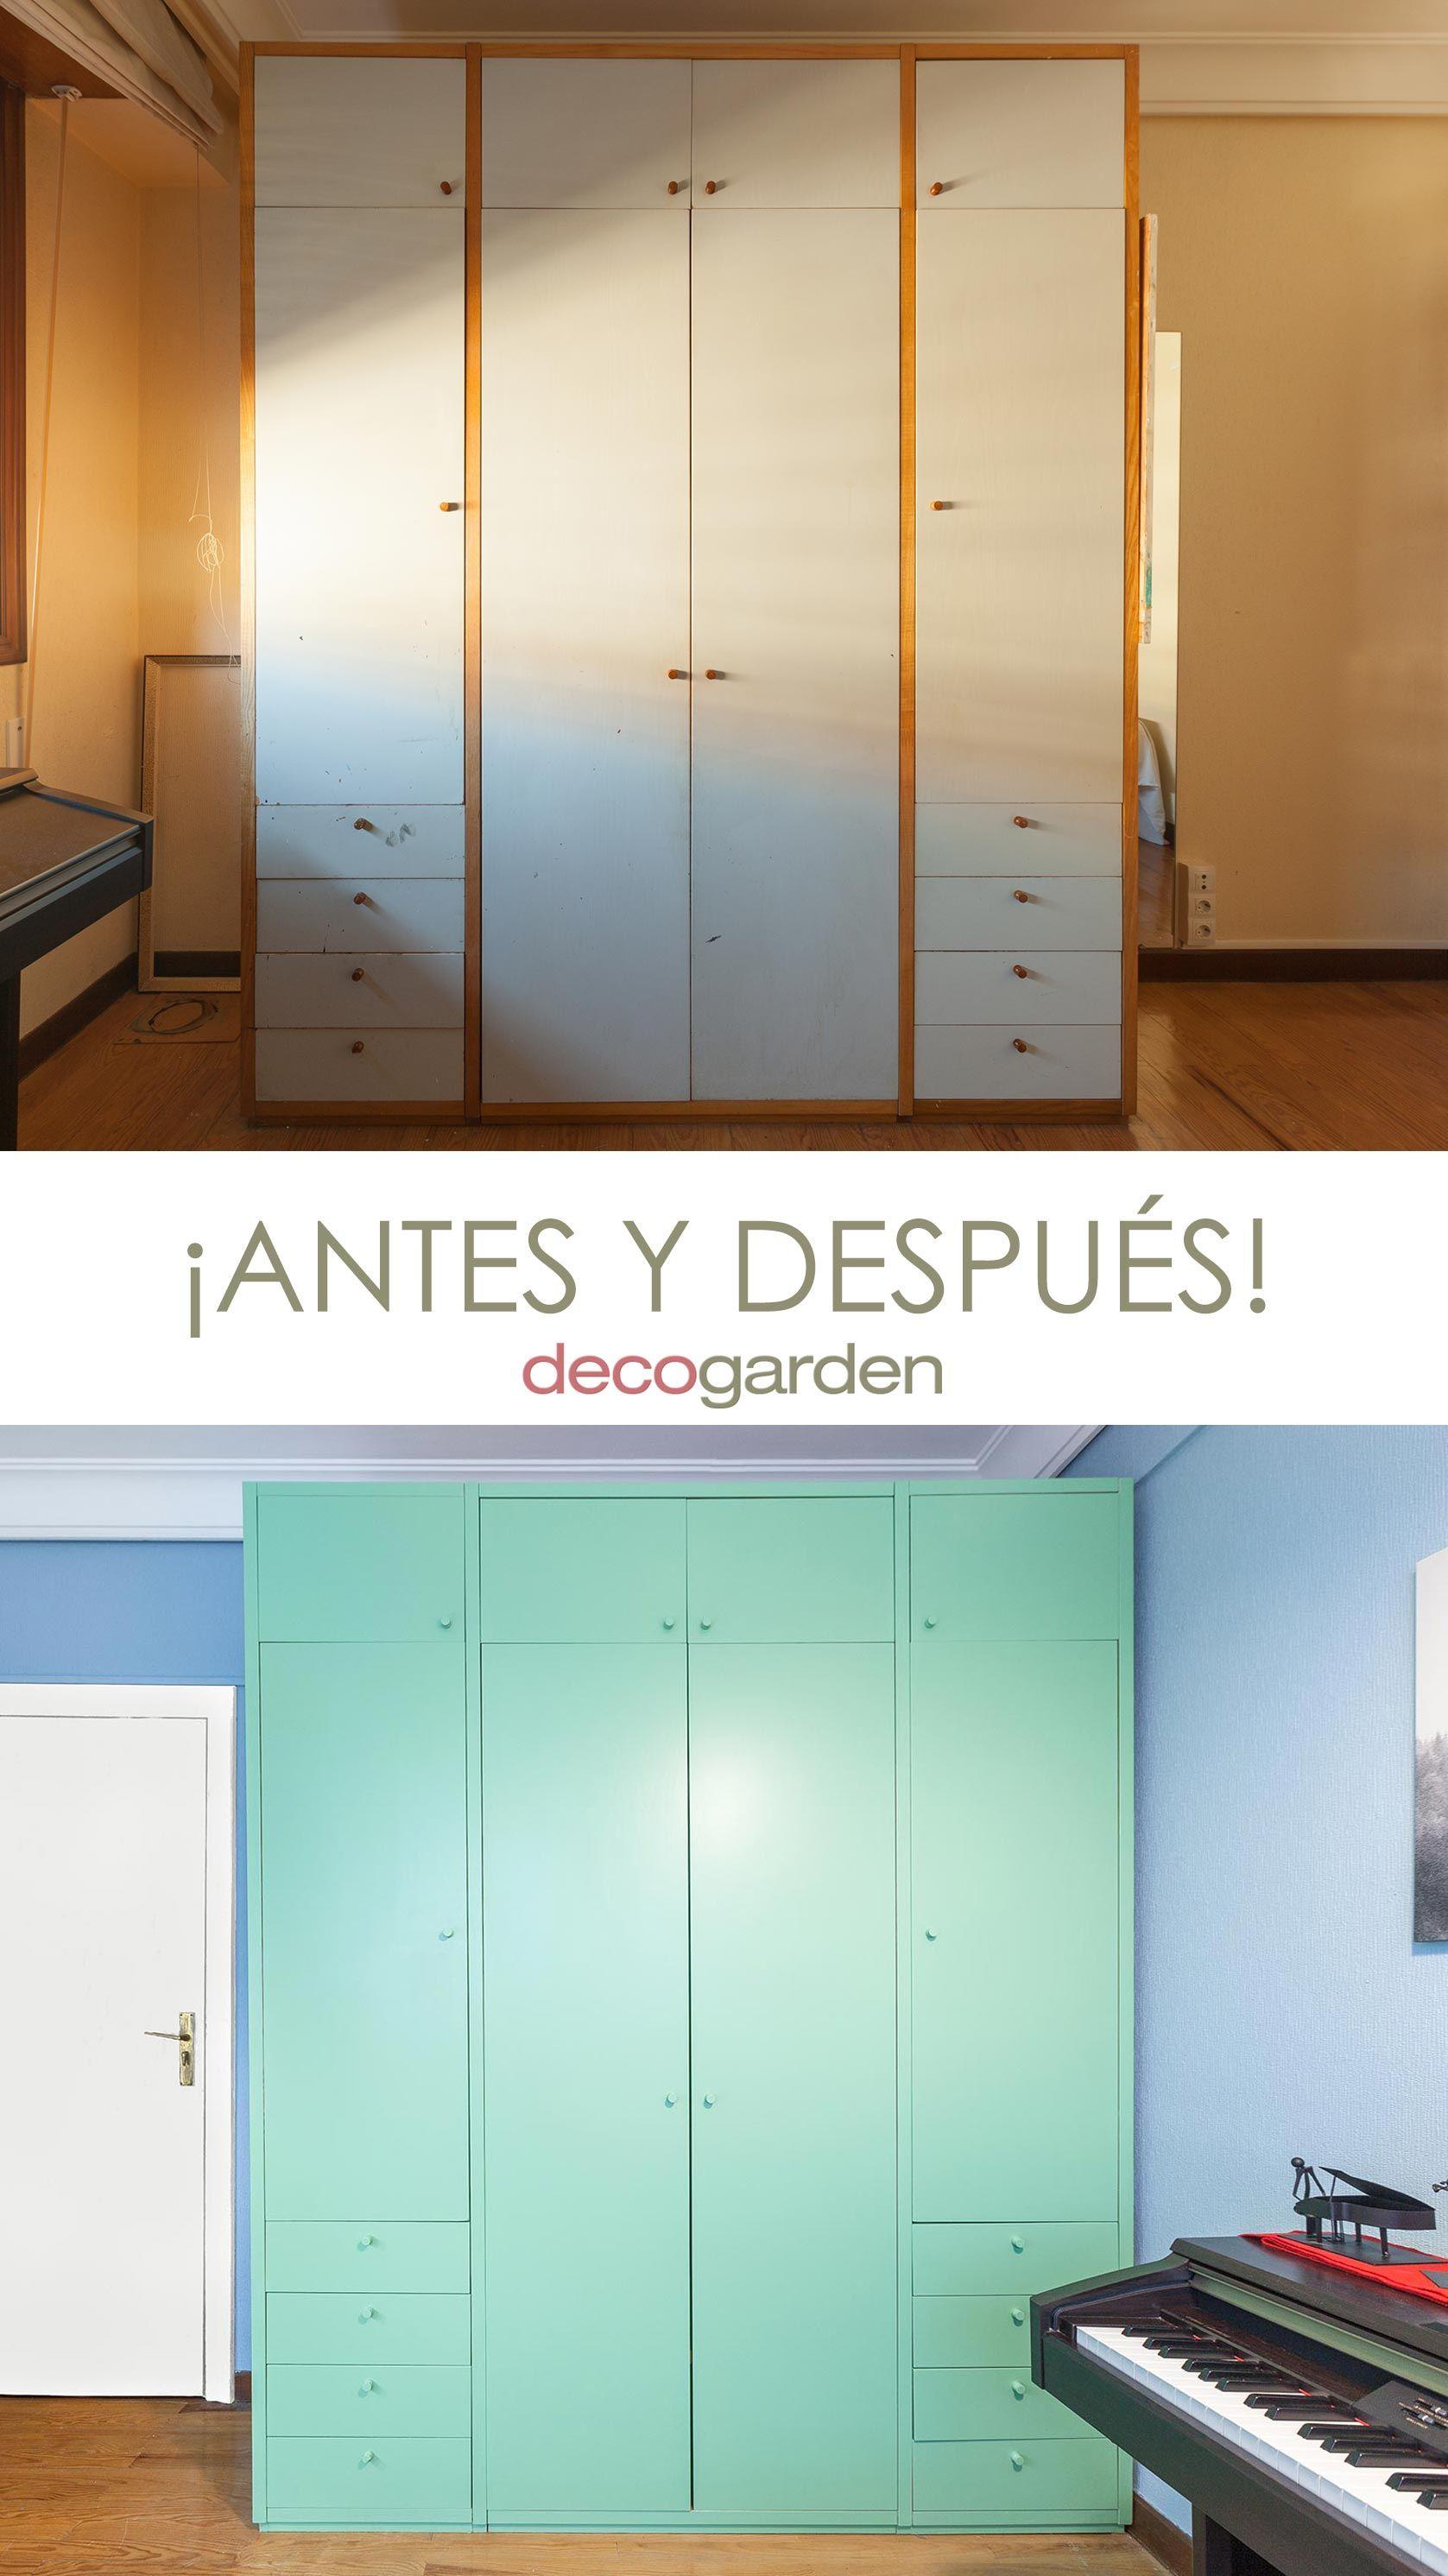 peindre une armoire verte - avant et après